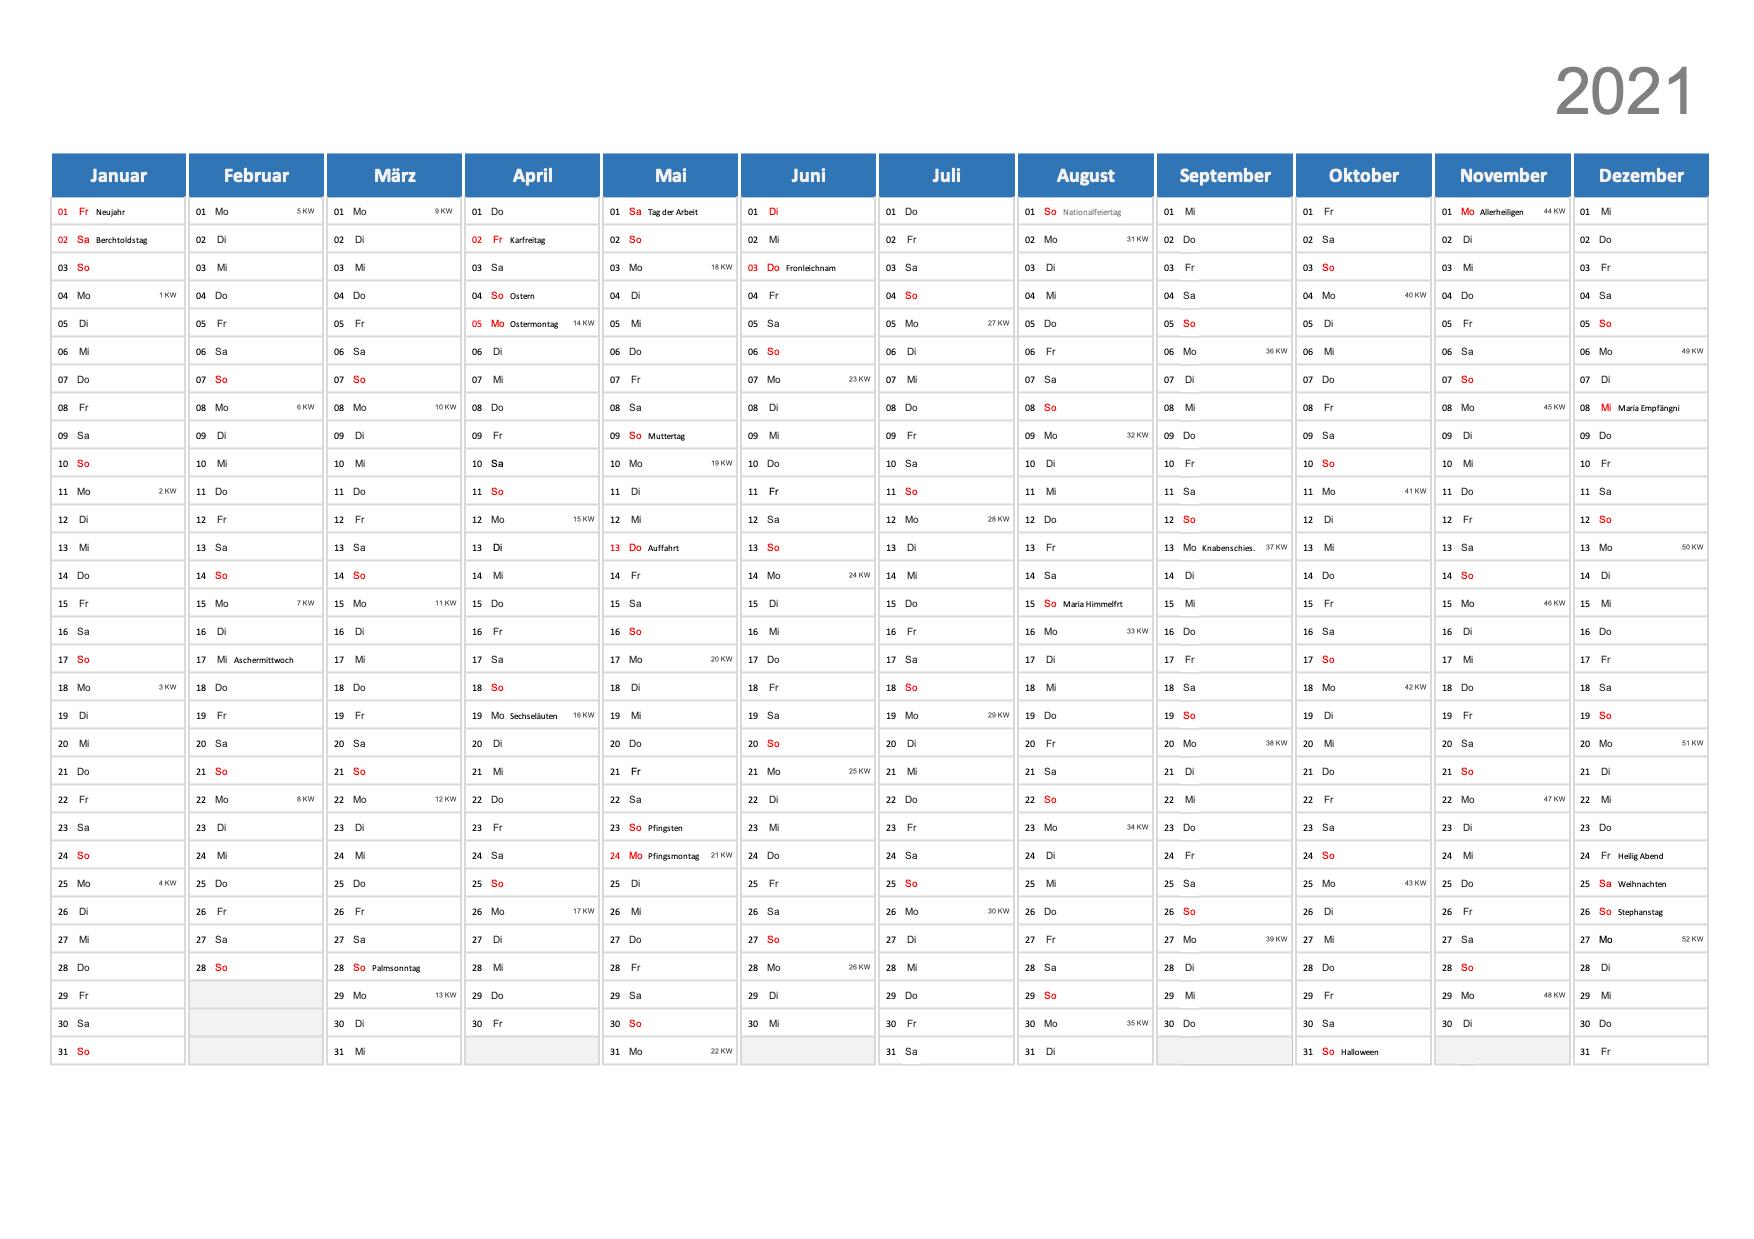 Jahreskalender 2021 Schweiz Excel zum Ausdrucken